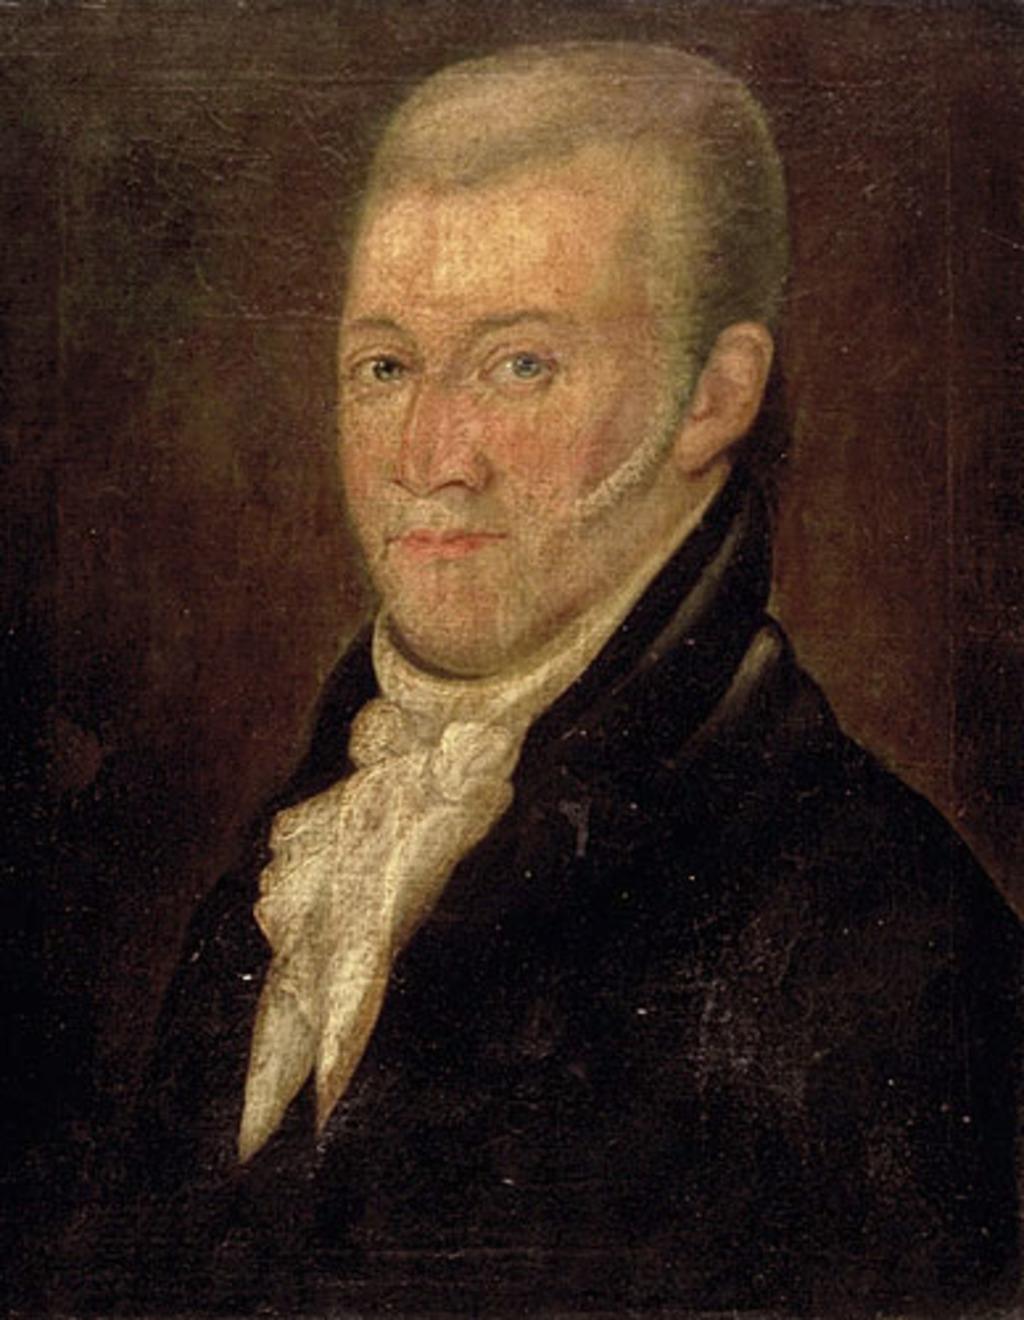 Joseph-Ignace Boucher de La Broquerie